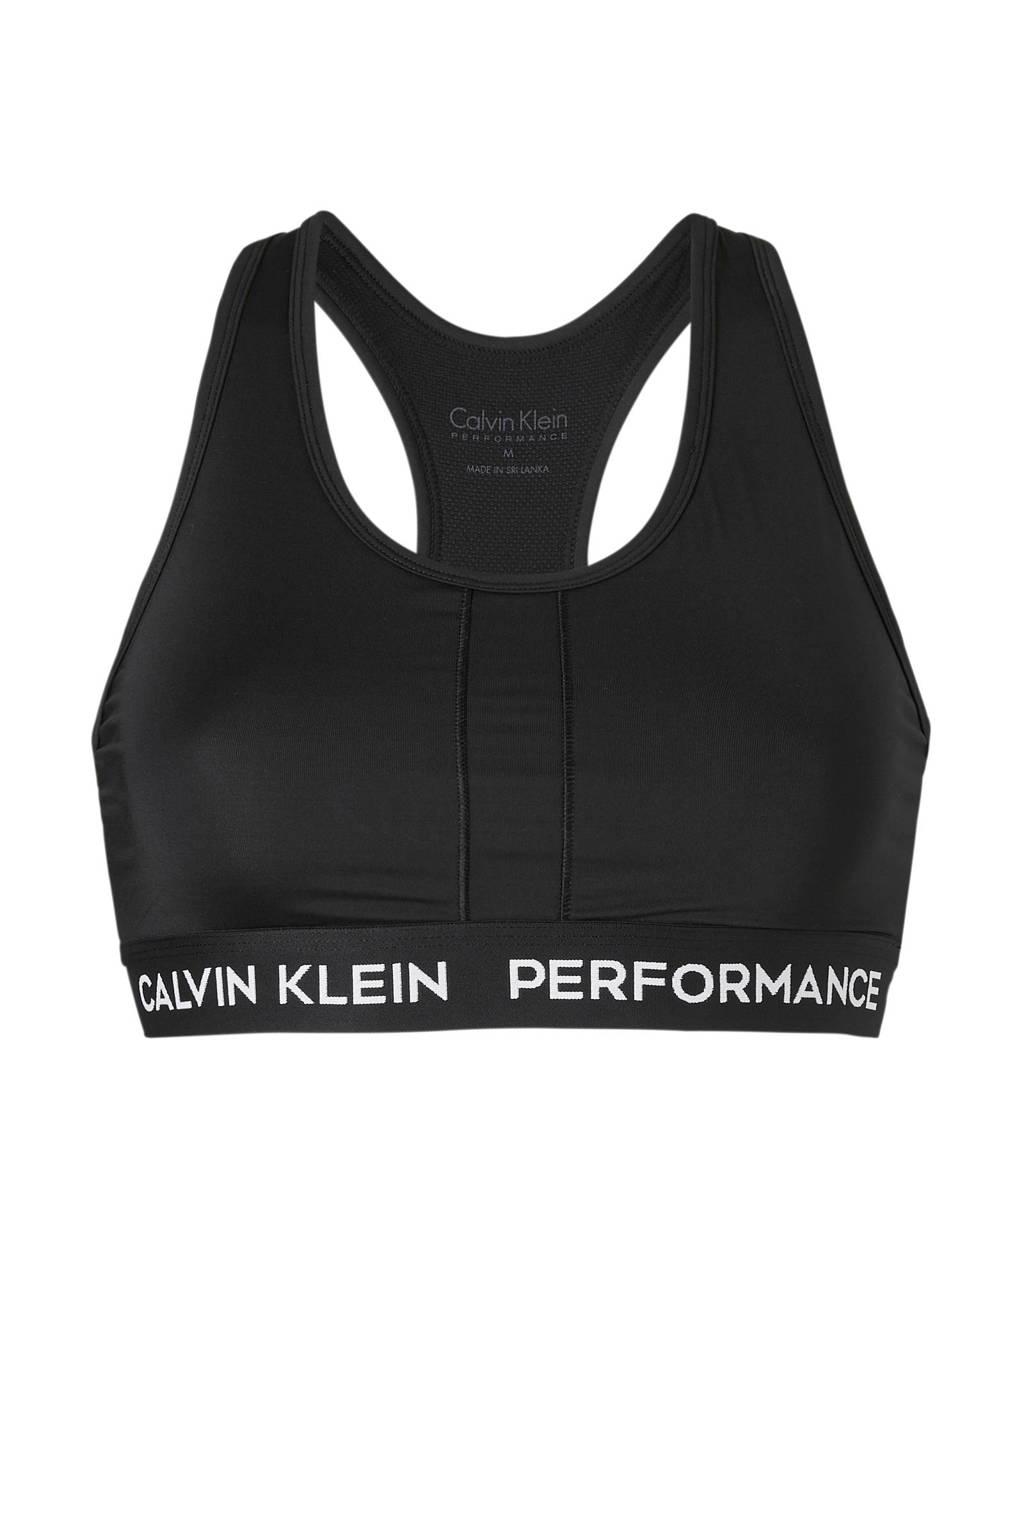 Calvin Klein Performance Level 1 sportbh zwart, Zwart